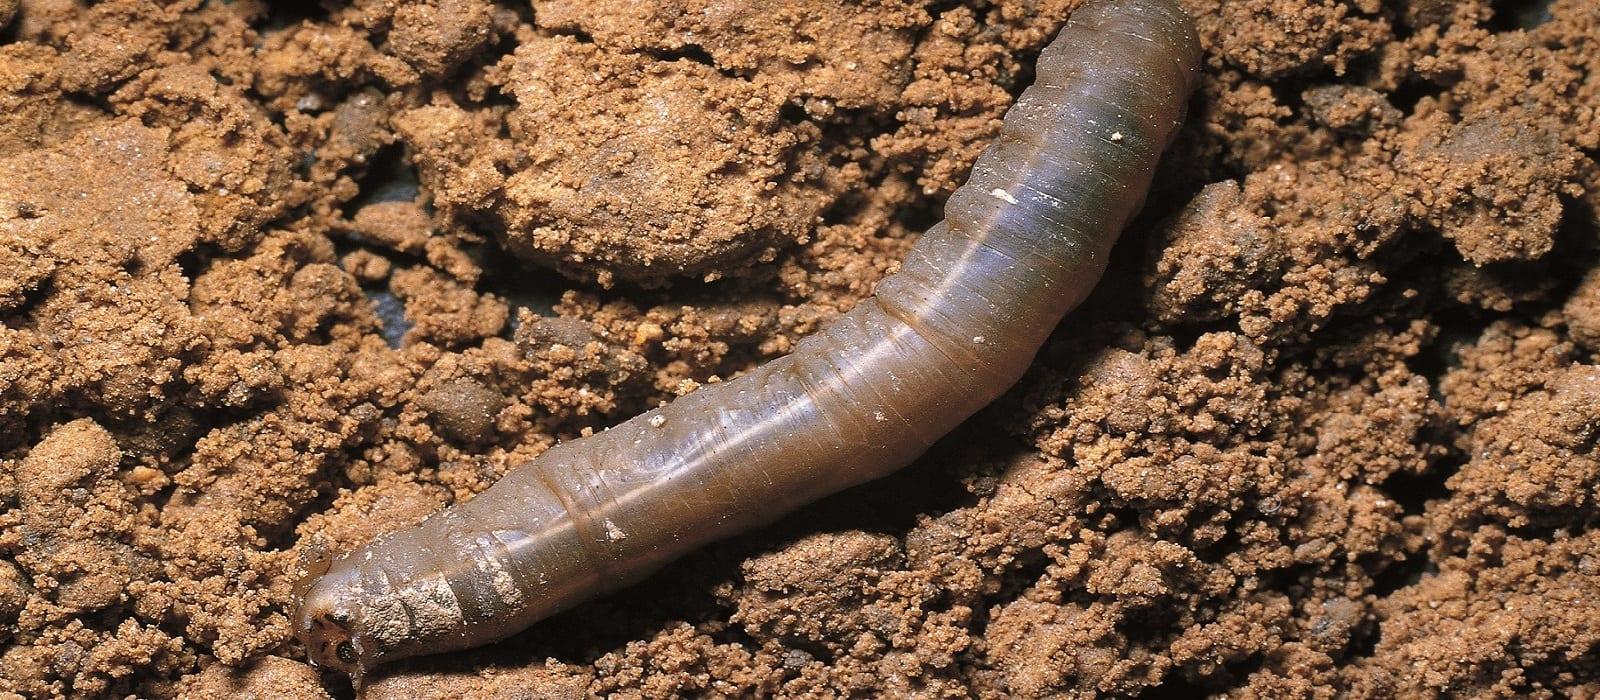 Leatherjacket in soil